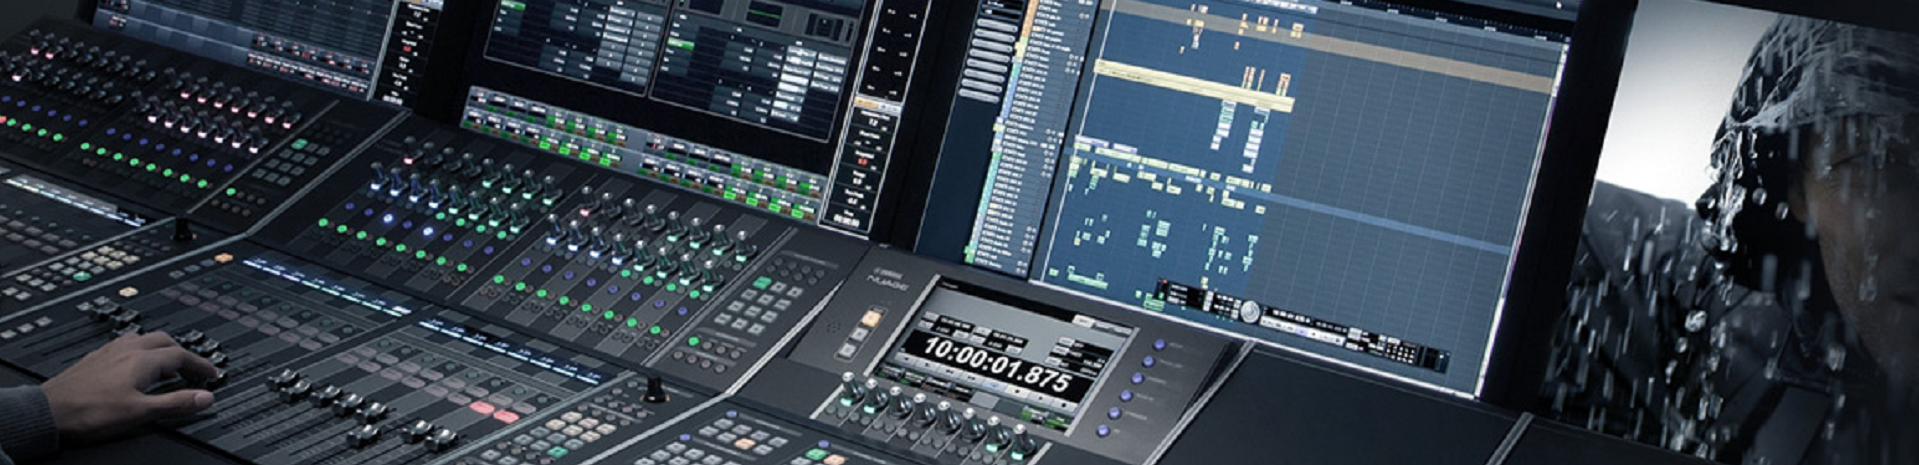 para los técnicos de sonido, para los creadores